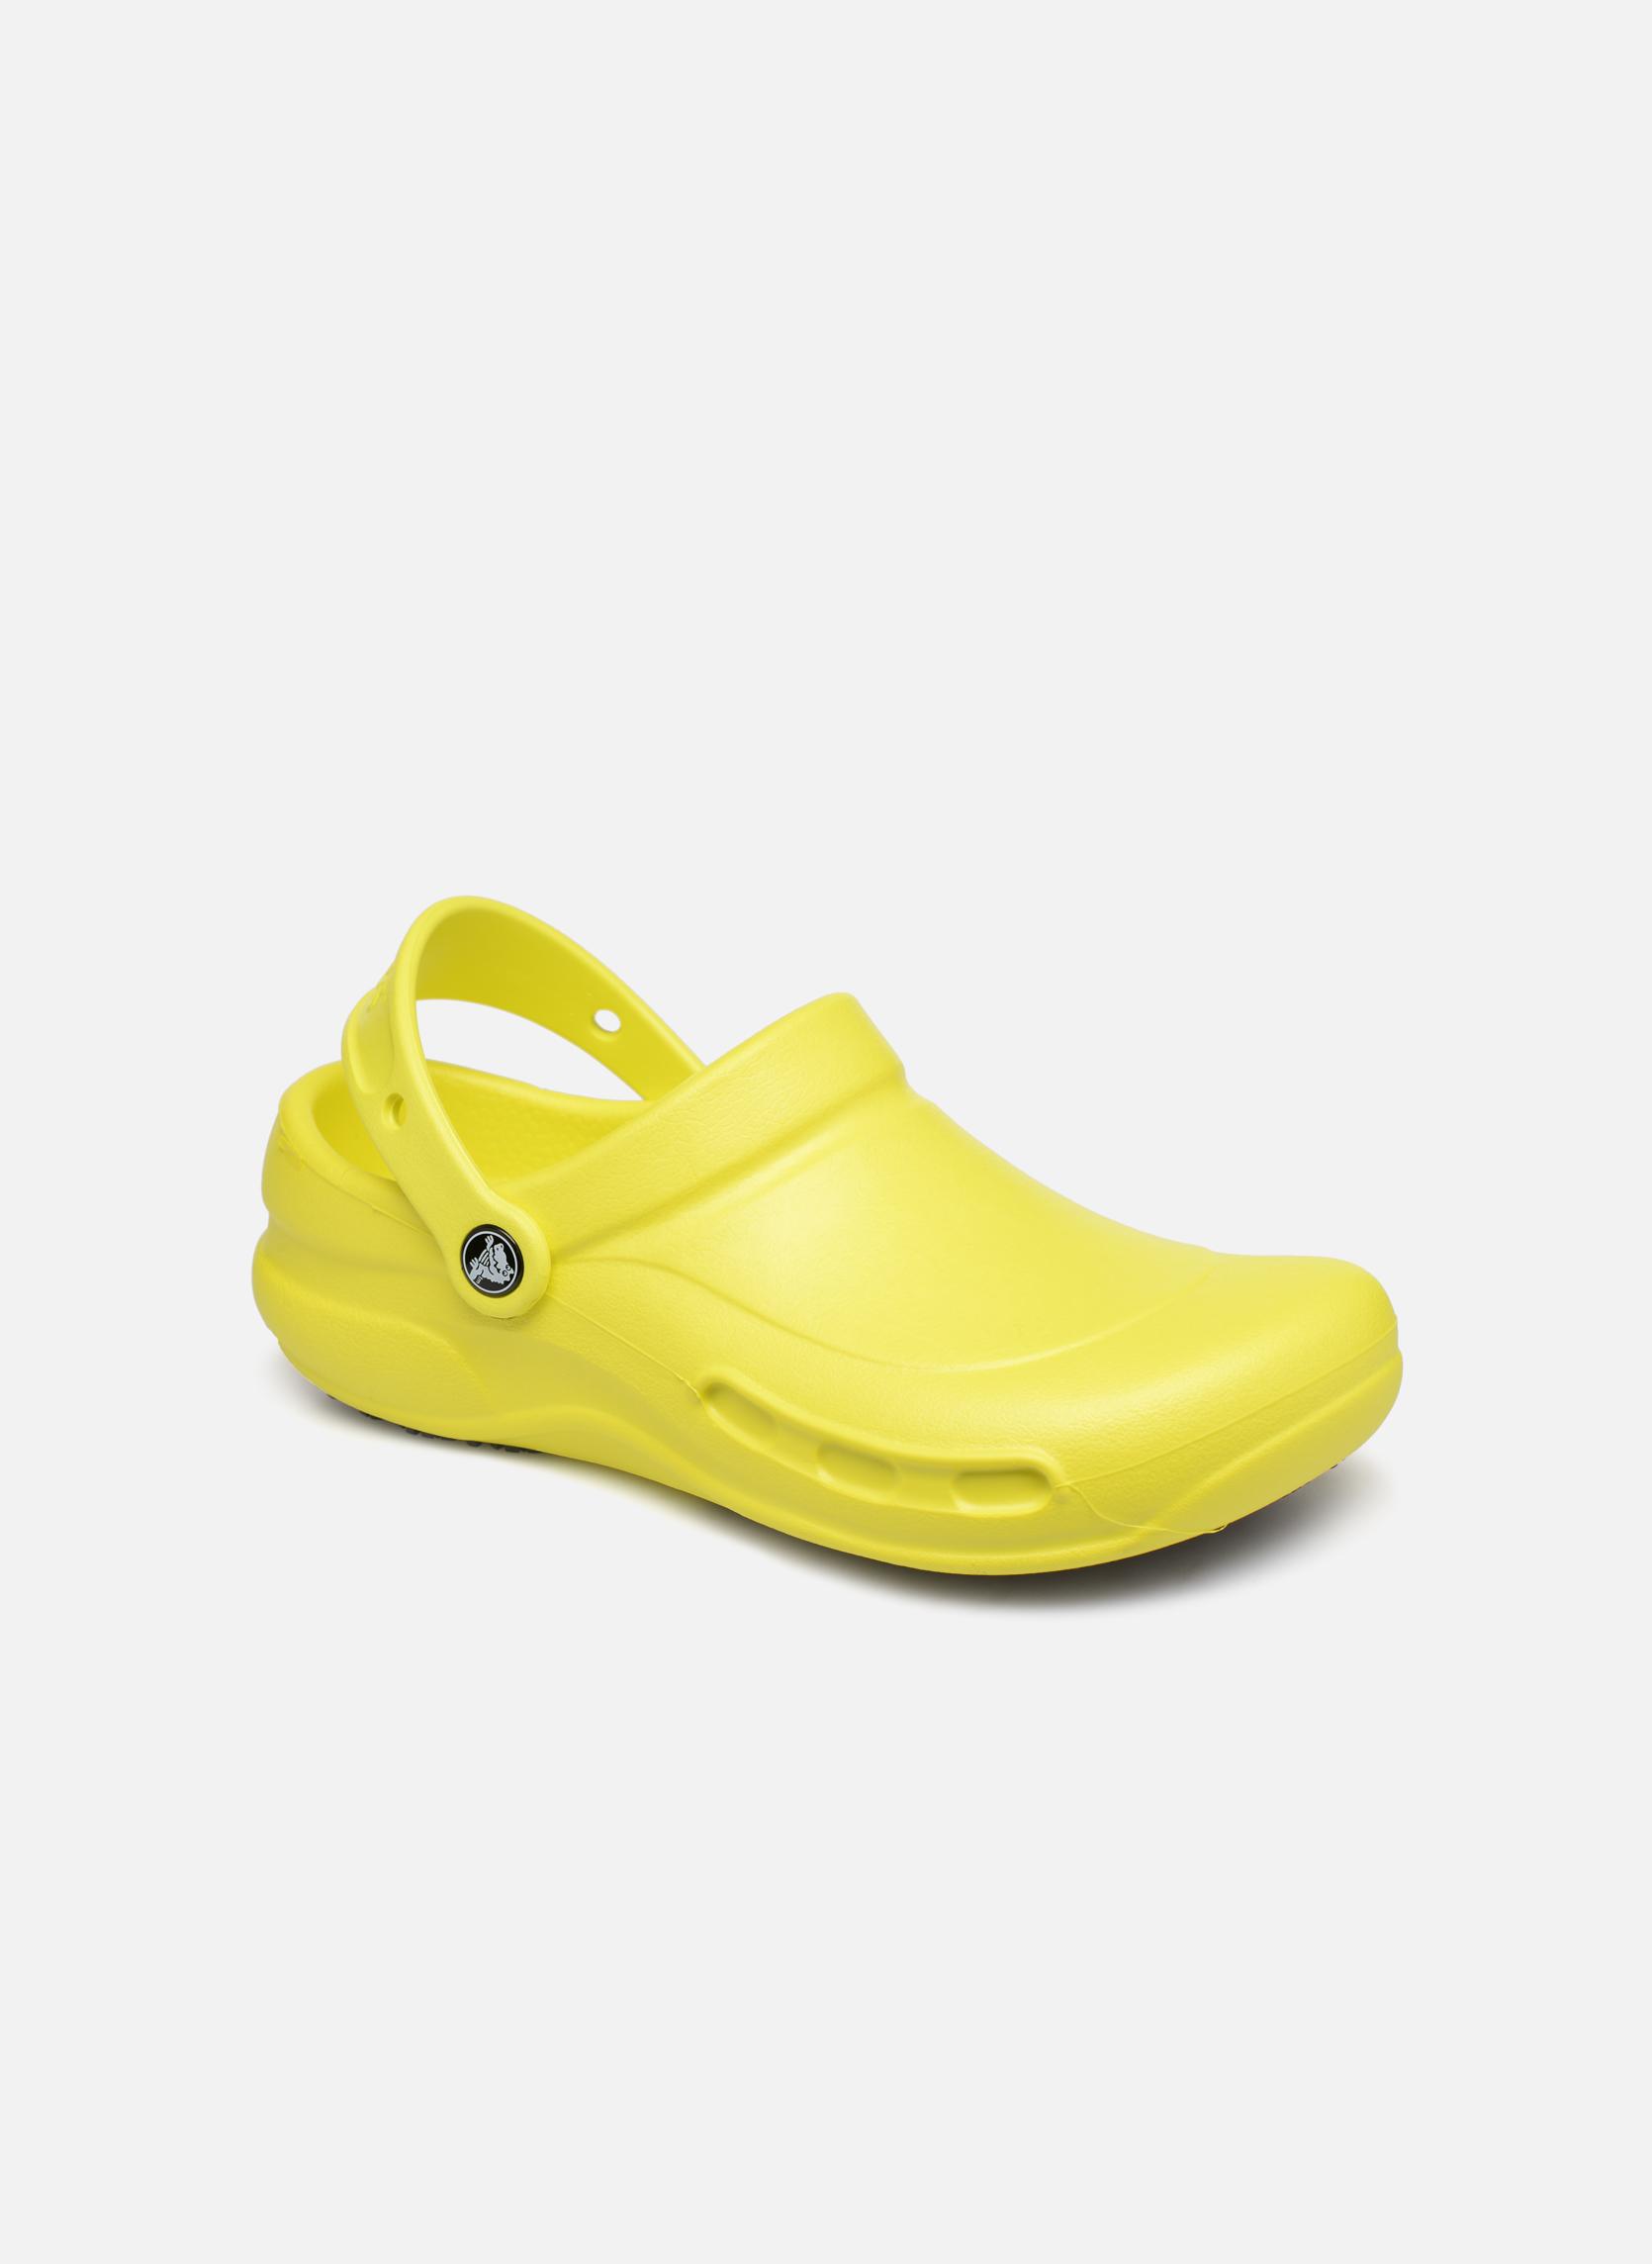 Wedges Crocs Geel